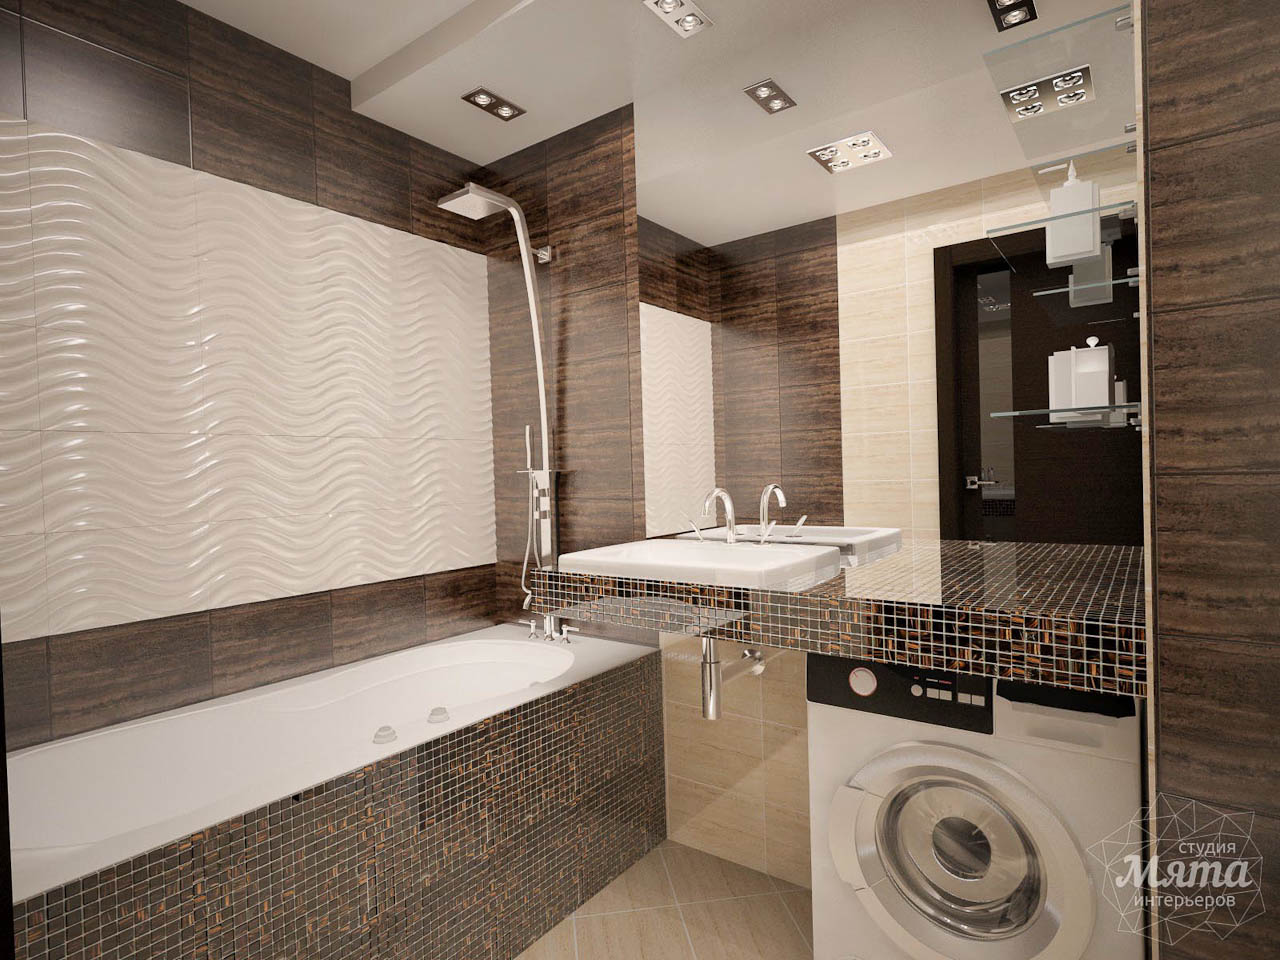 Дизайн интерьера трехкомнатной квартиры по ул. Белинского 222 img240936251